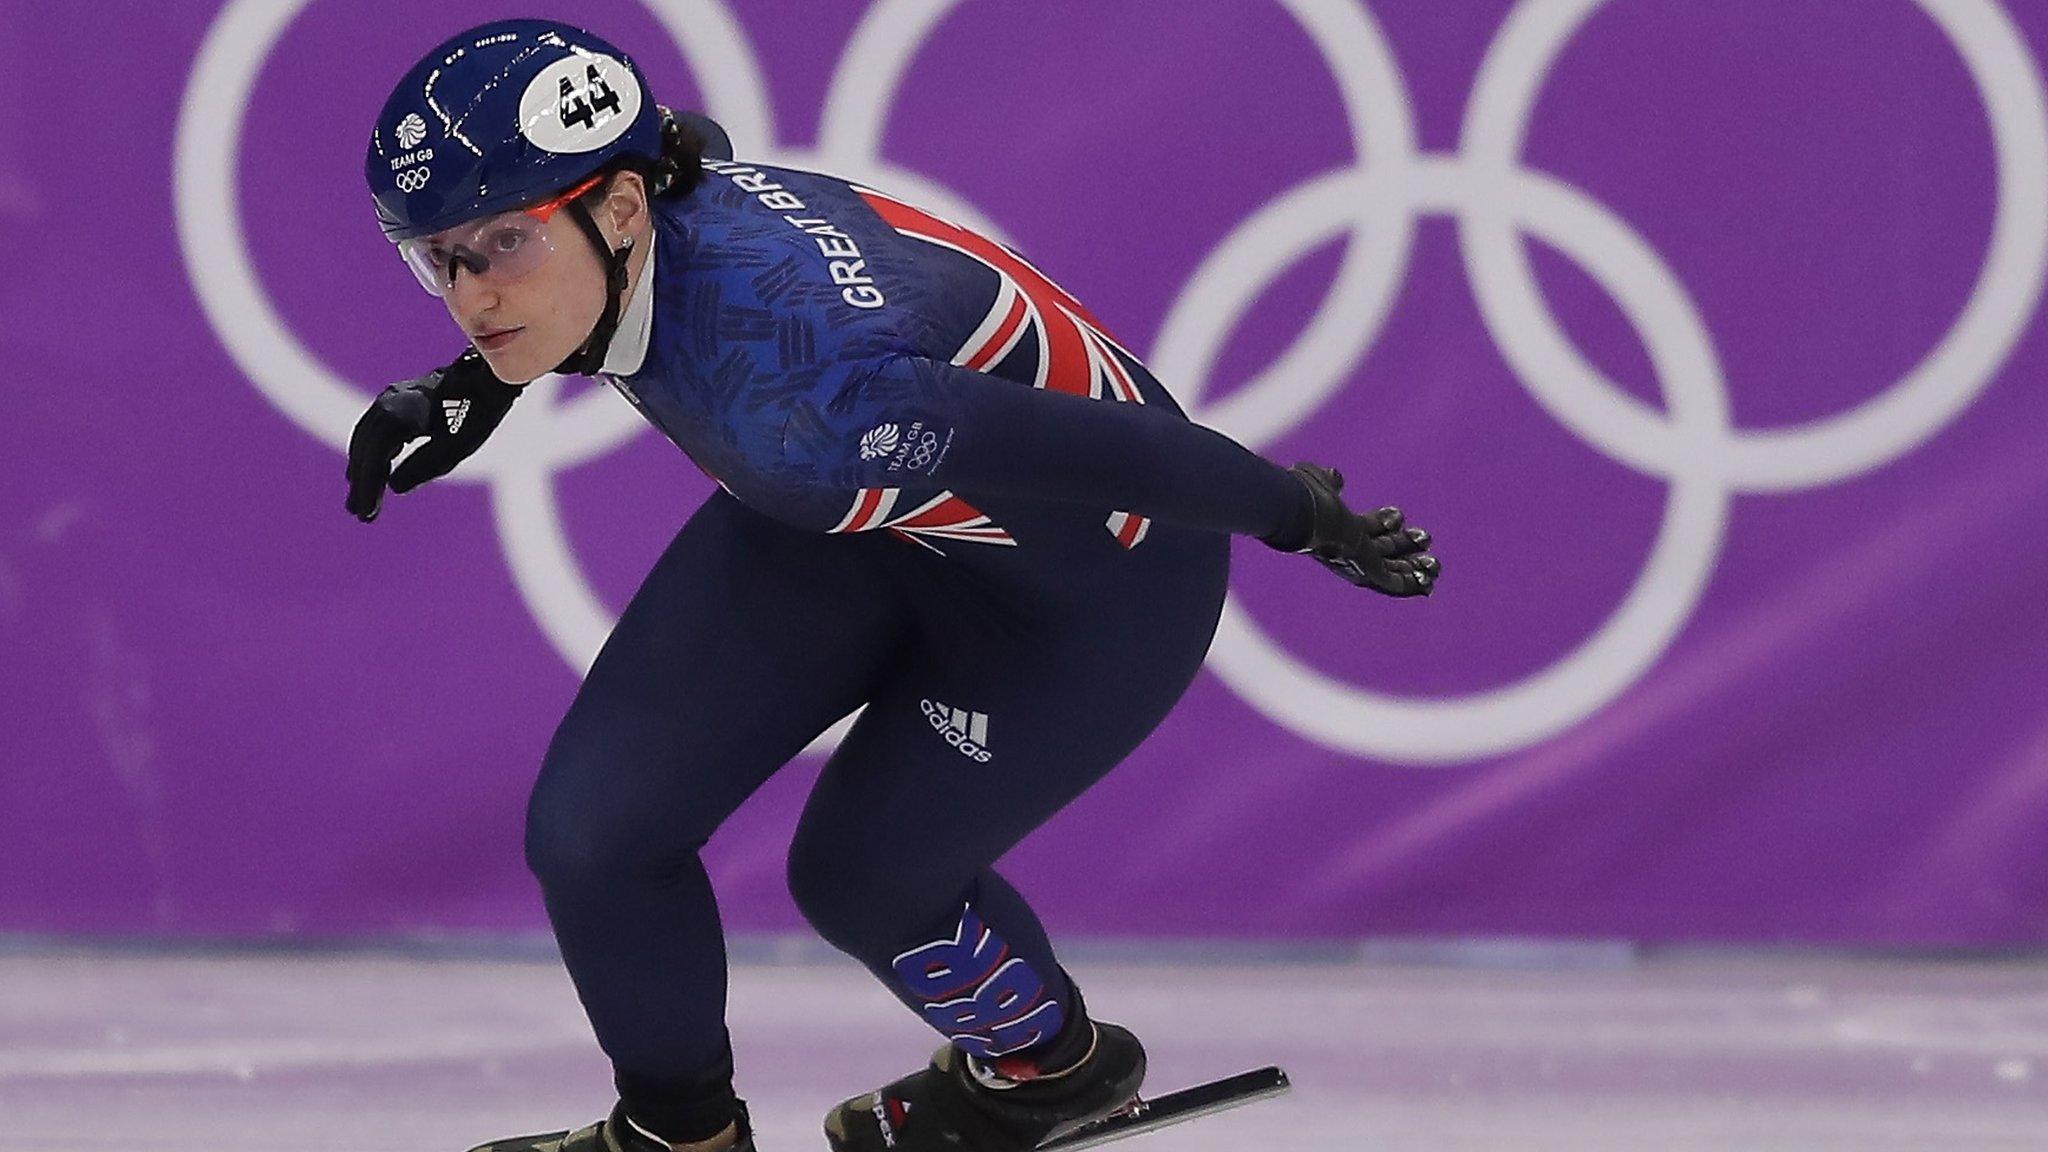 Charlotte Gilmartin: Ex-Winter Olympian retires from short track speed skating